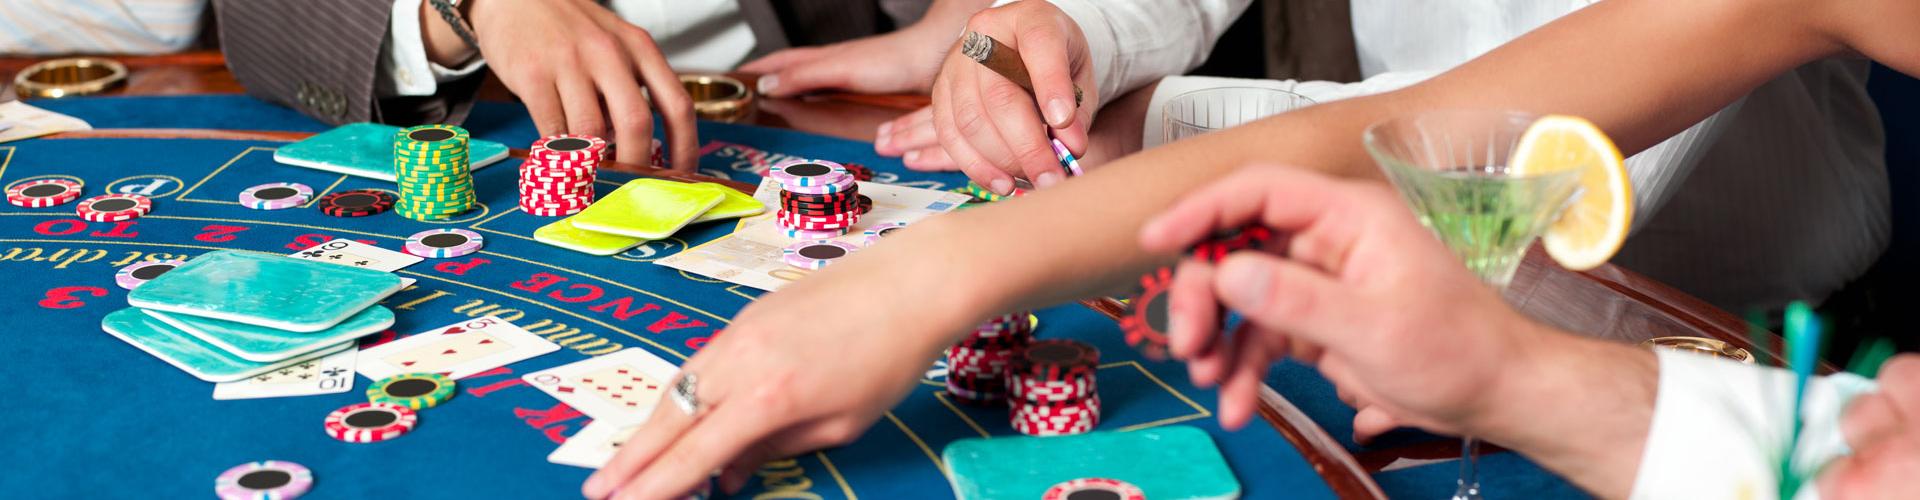 Boston casino table rentals near me